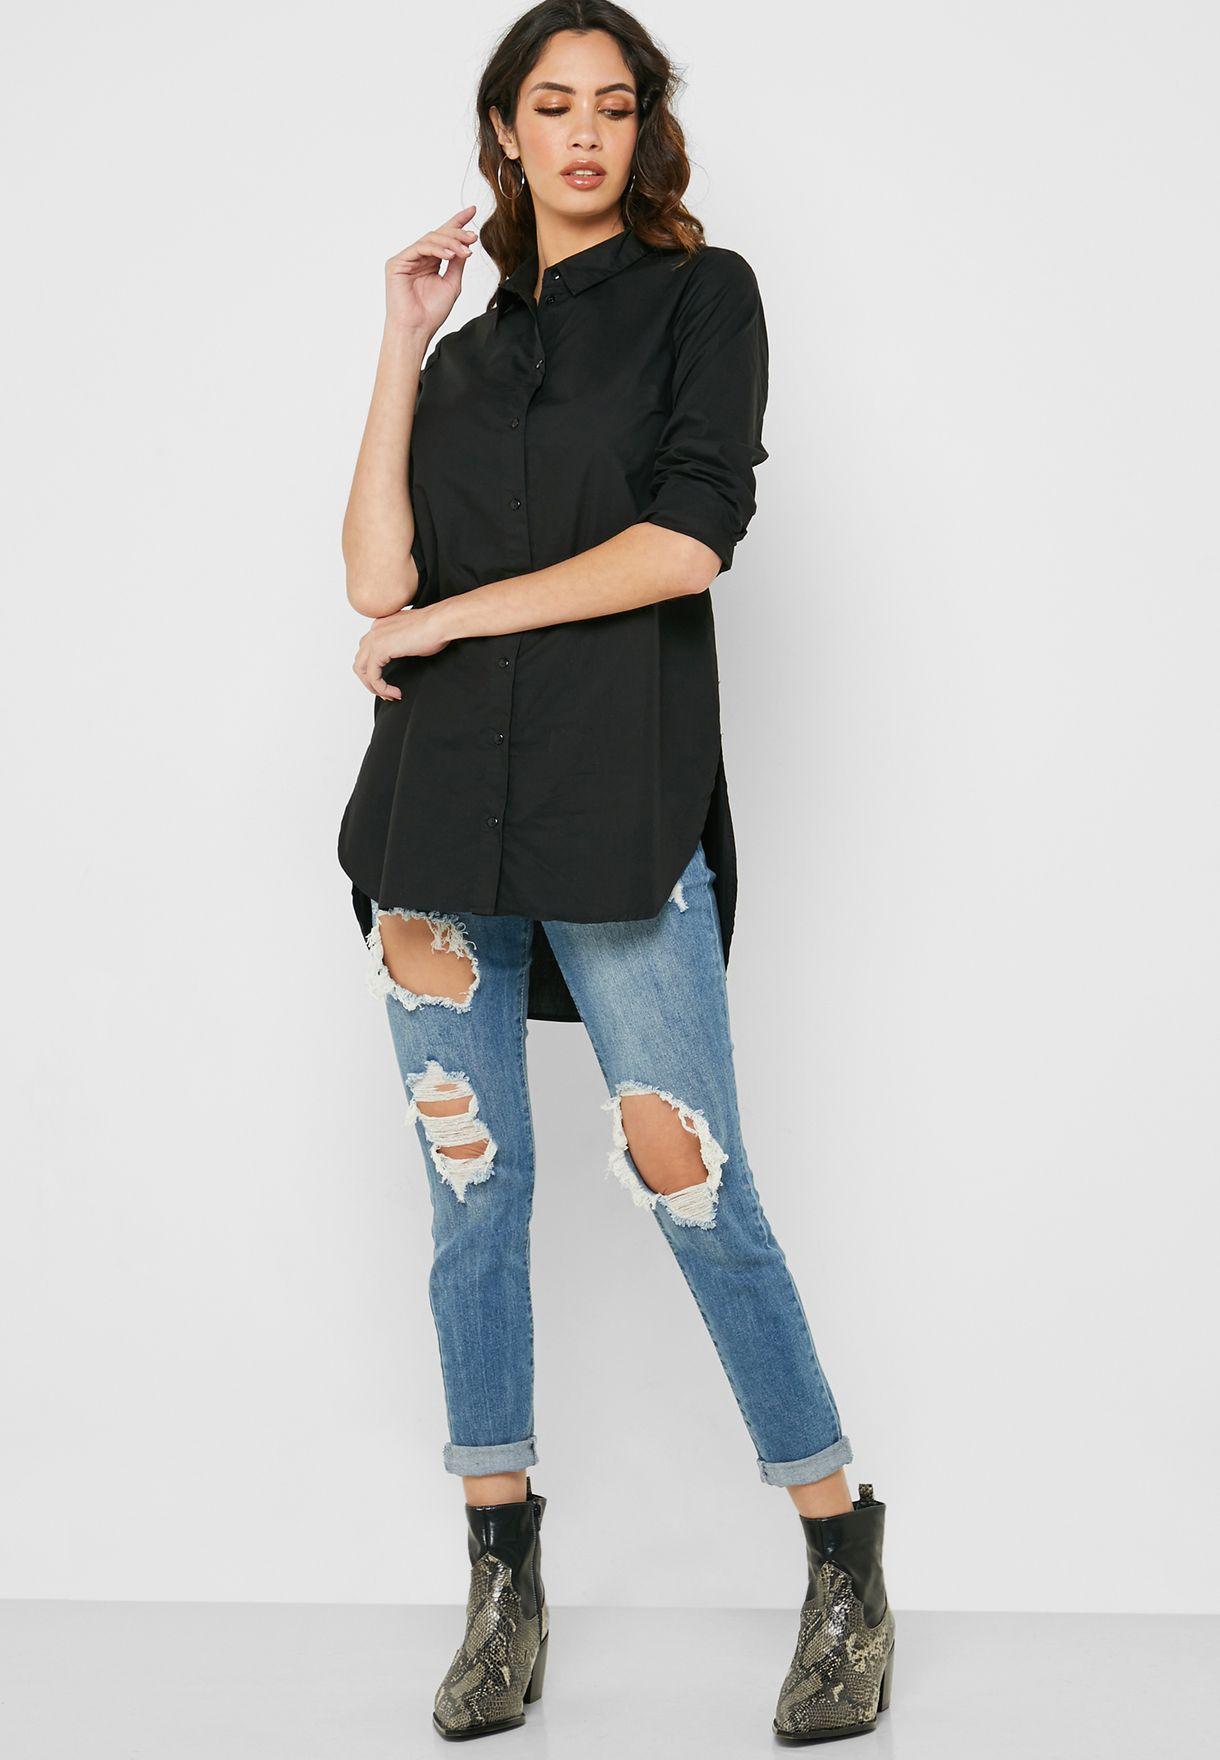 قميص بحواف متباينة في الطول